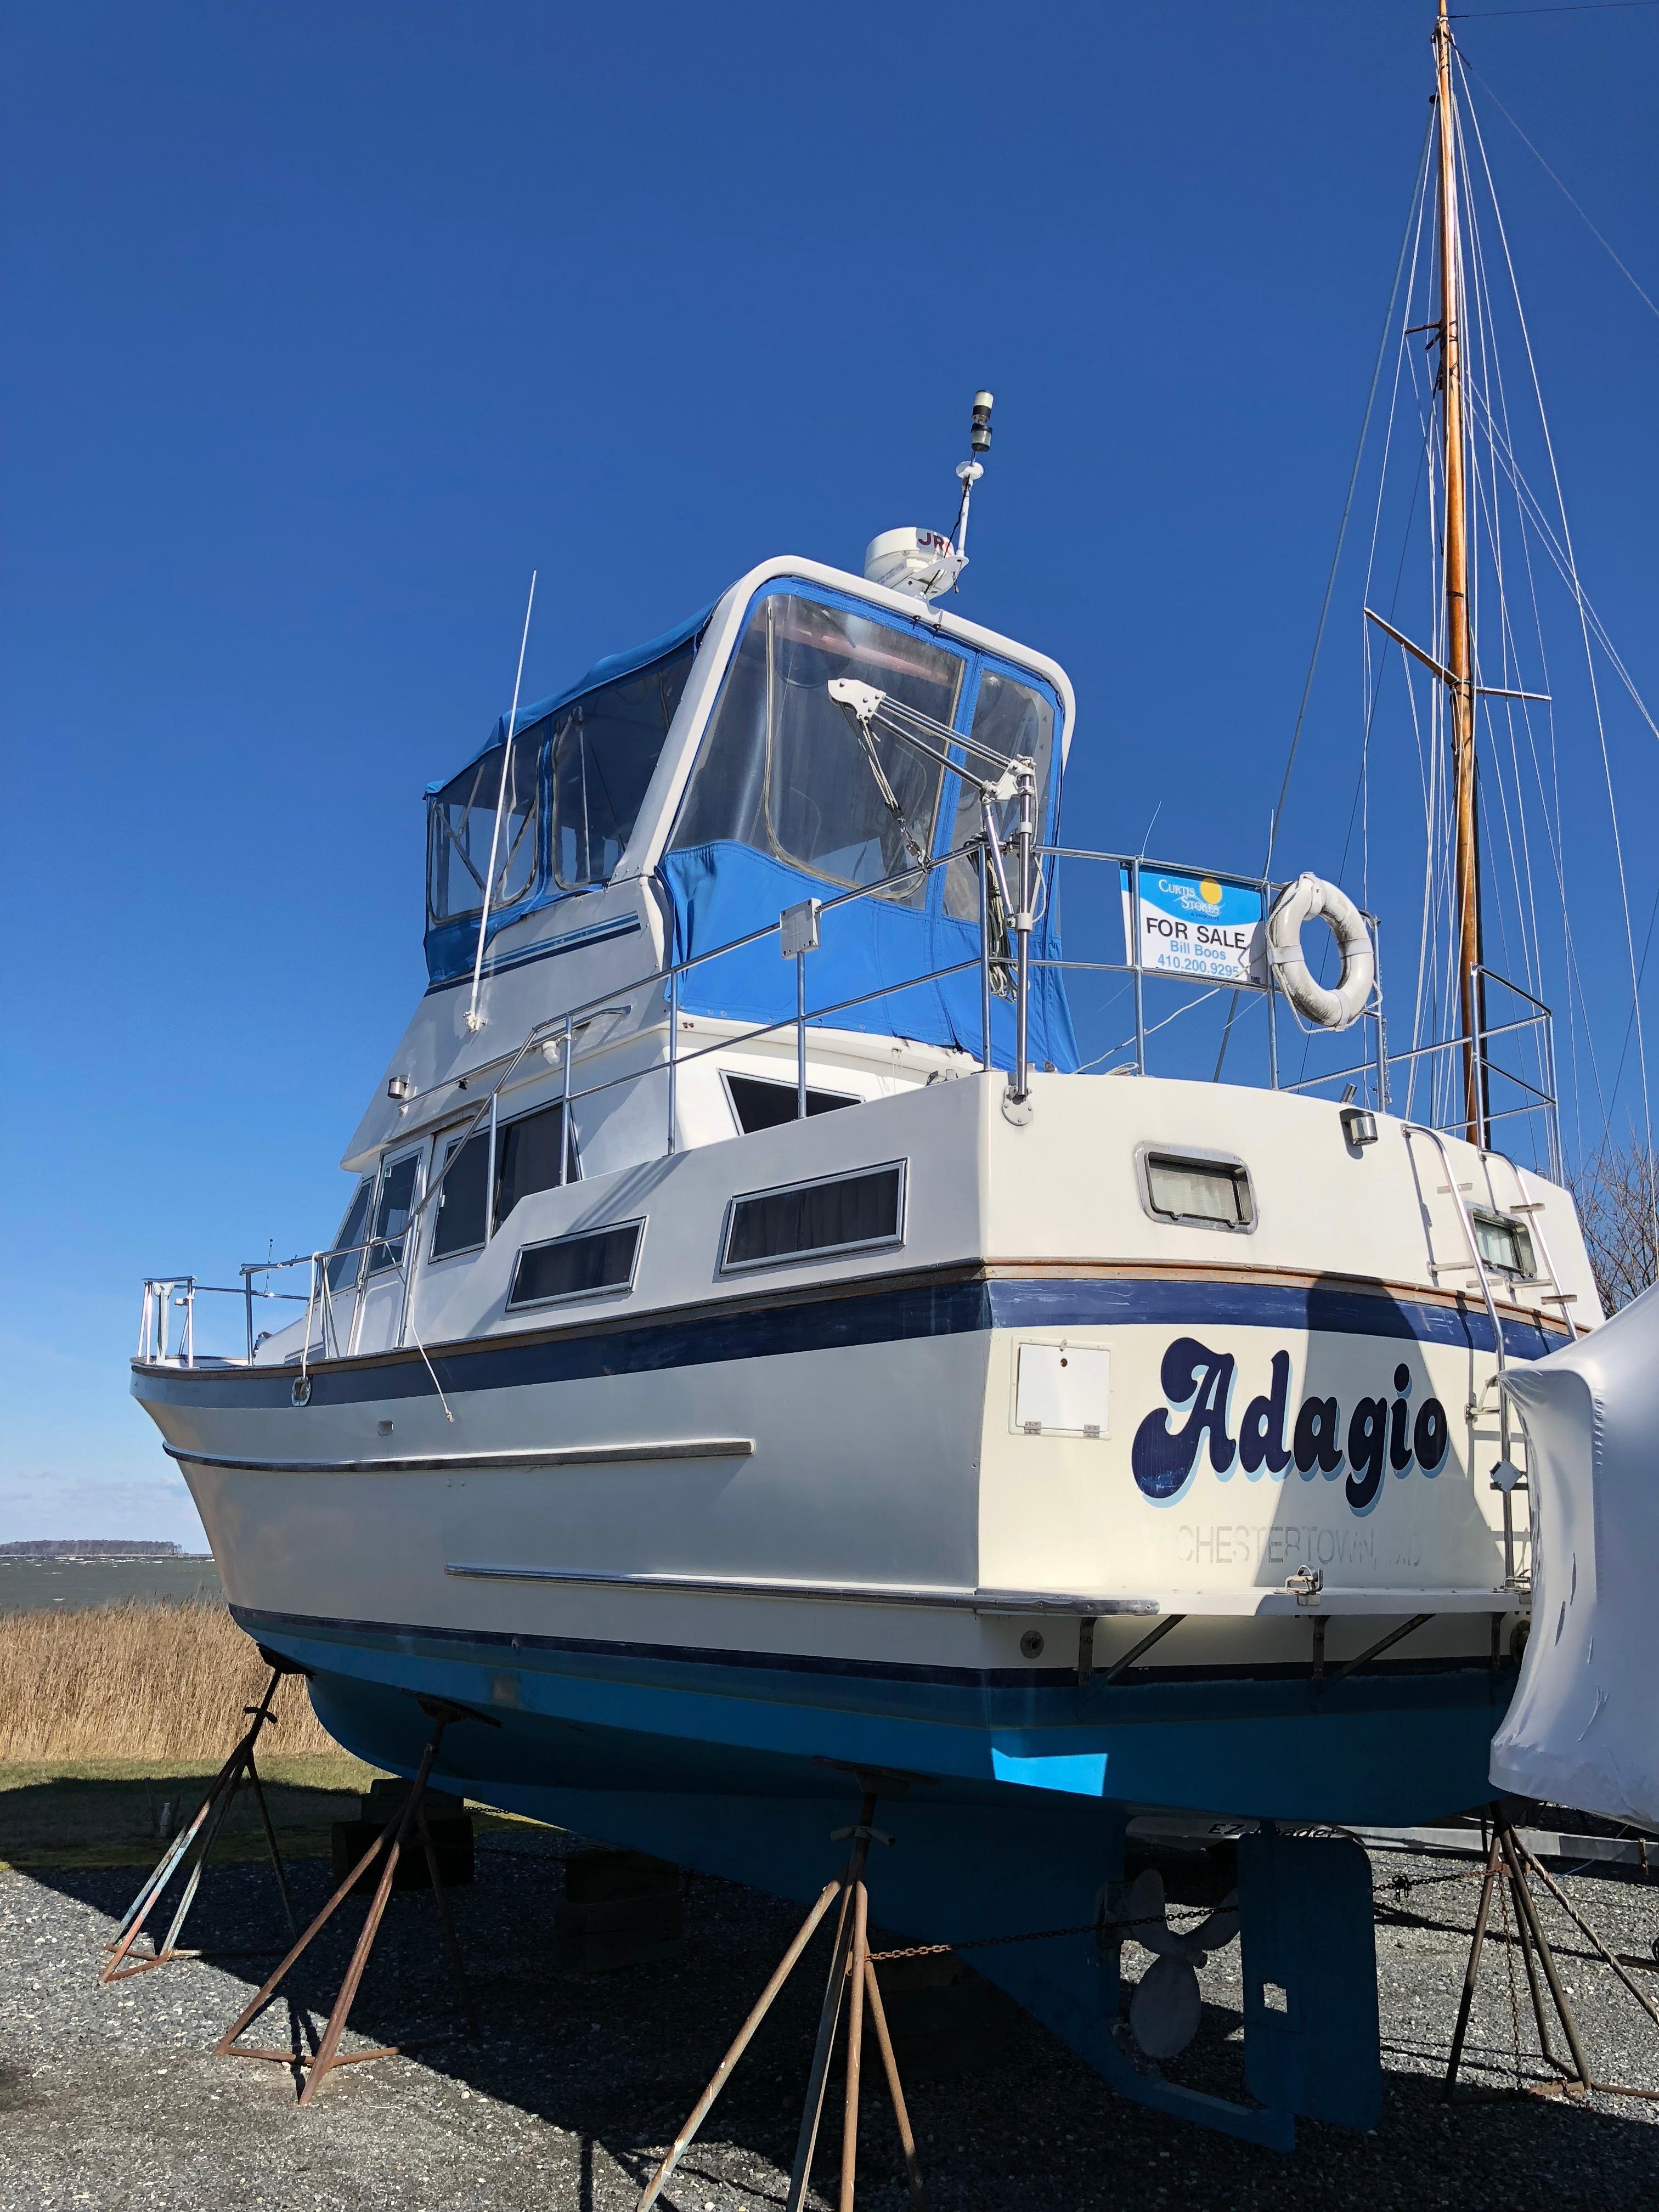 Ta Chiao Trawler Adagio profile stern.jpg